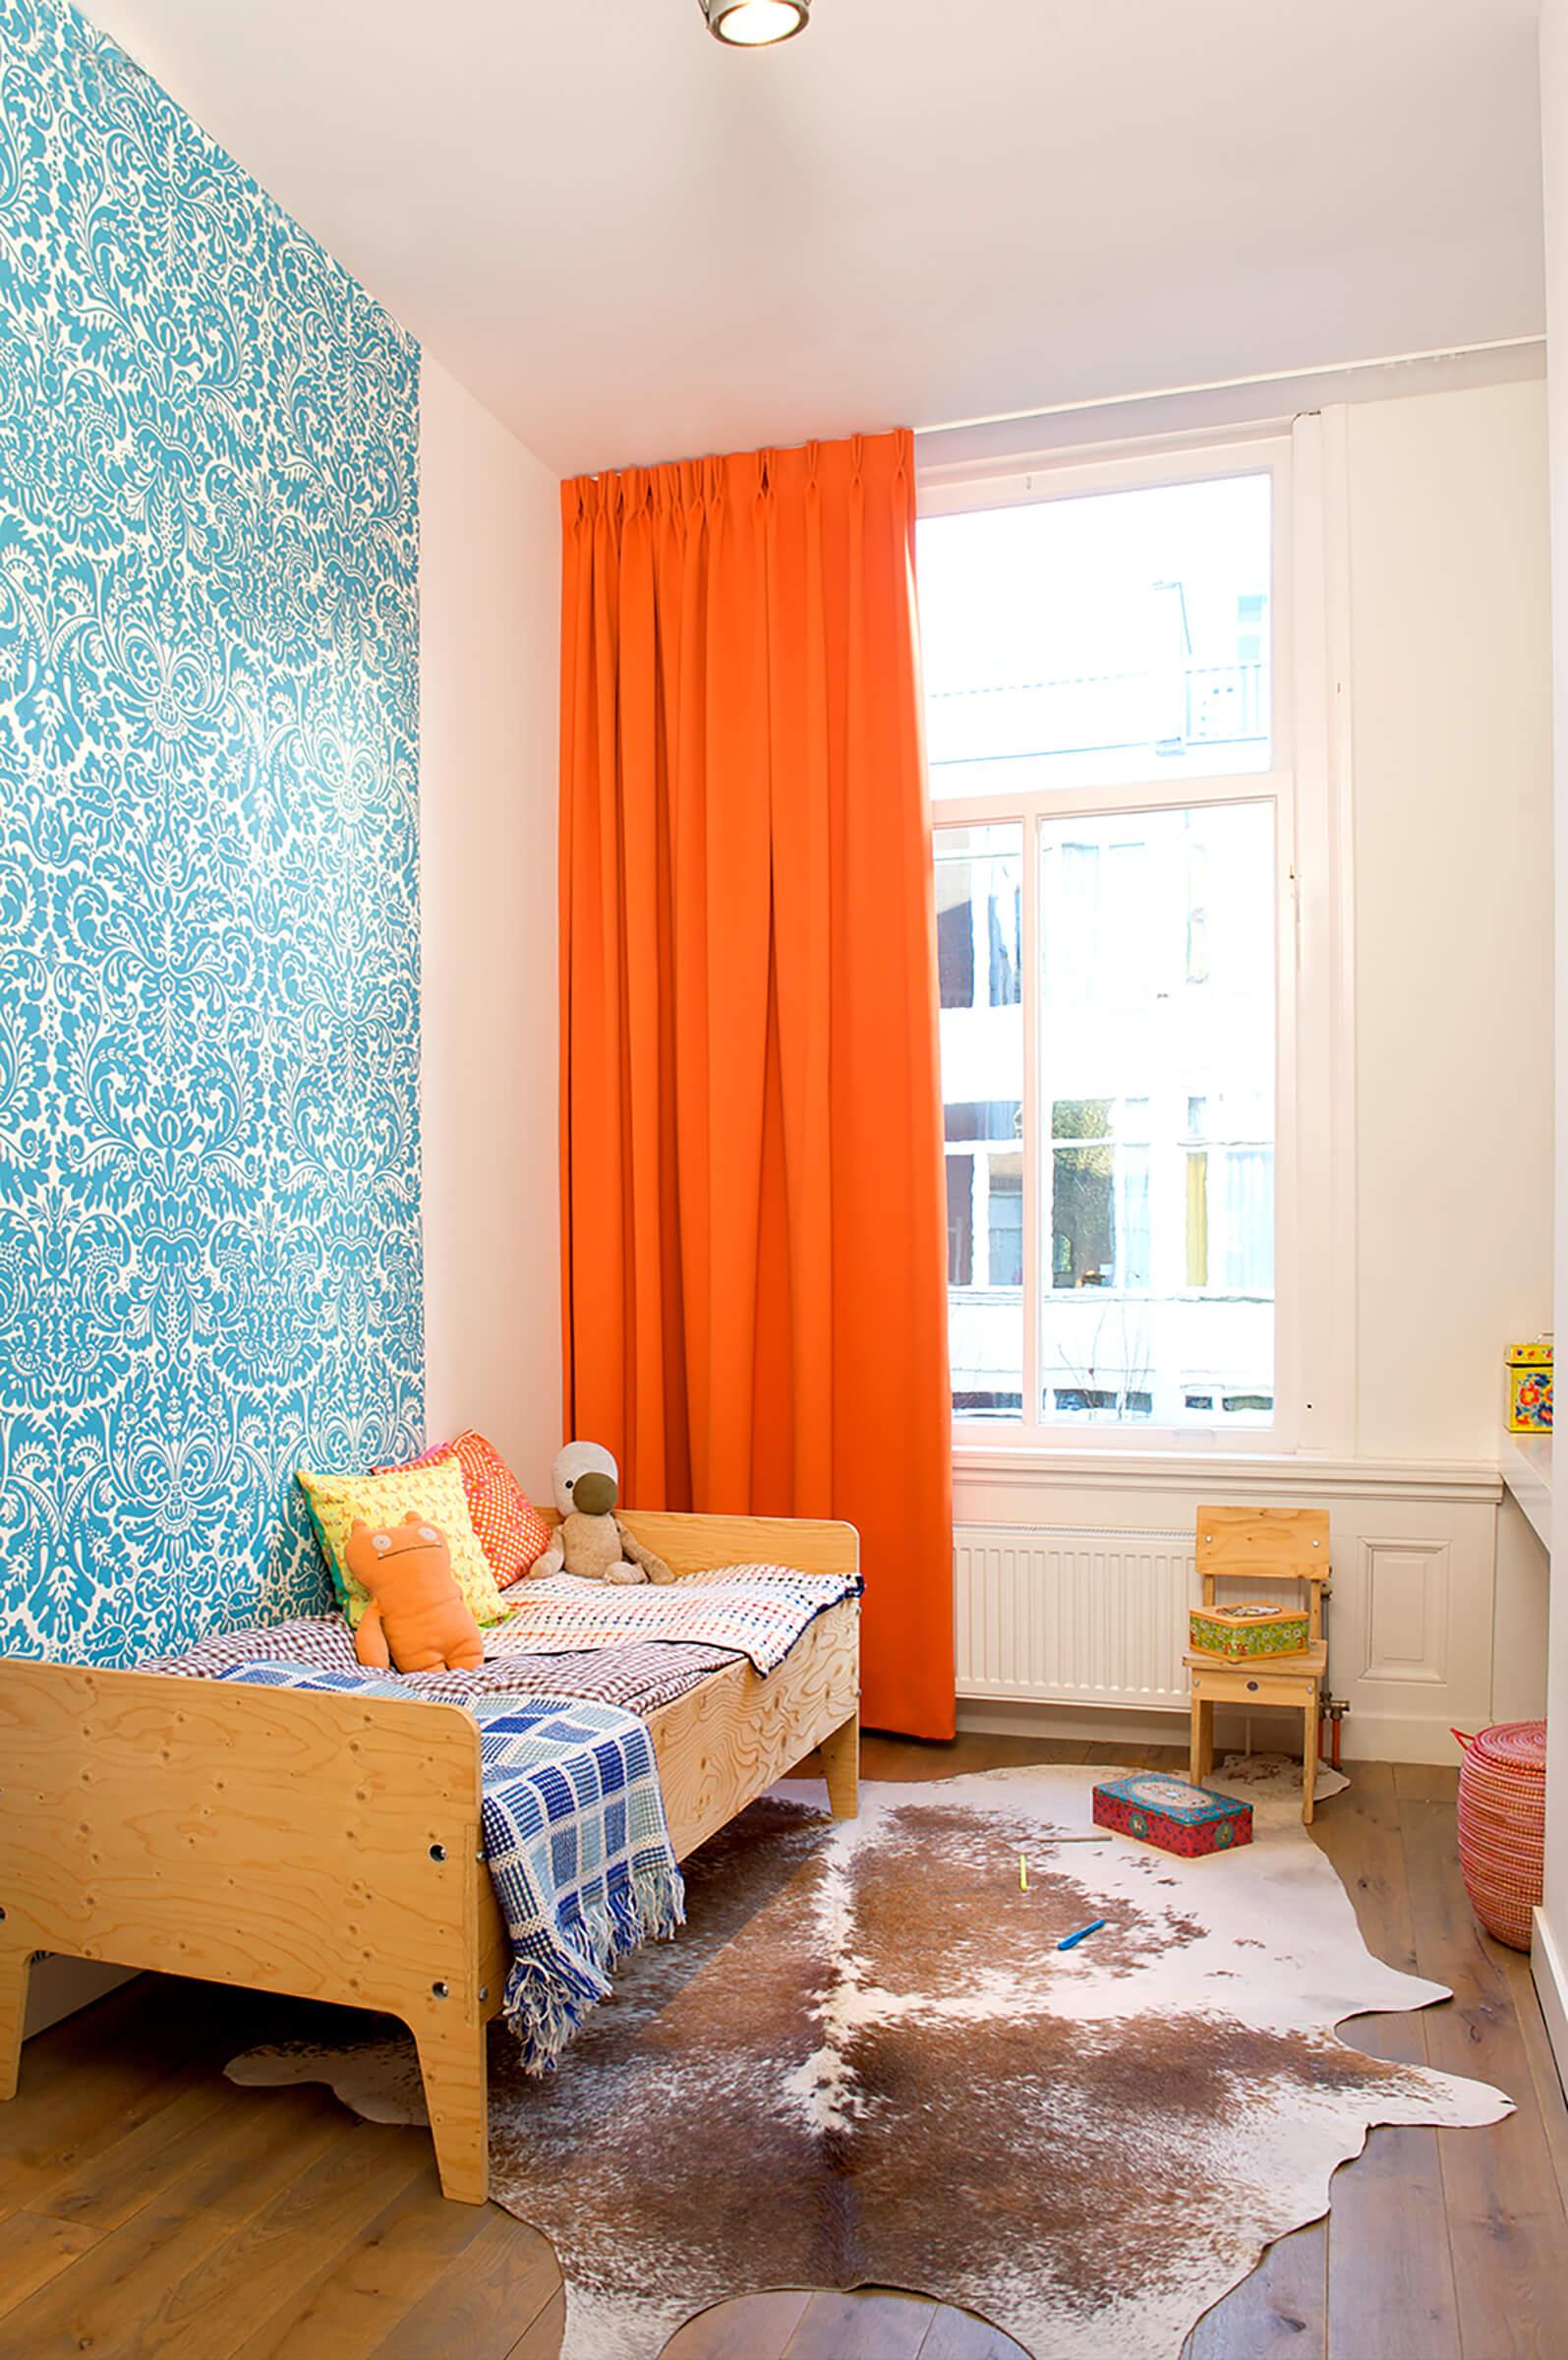 Schallschutzvorhang Farbe Orange im Kinderzimmer